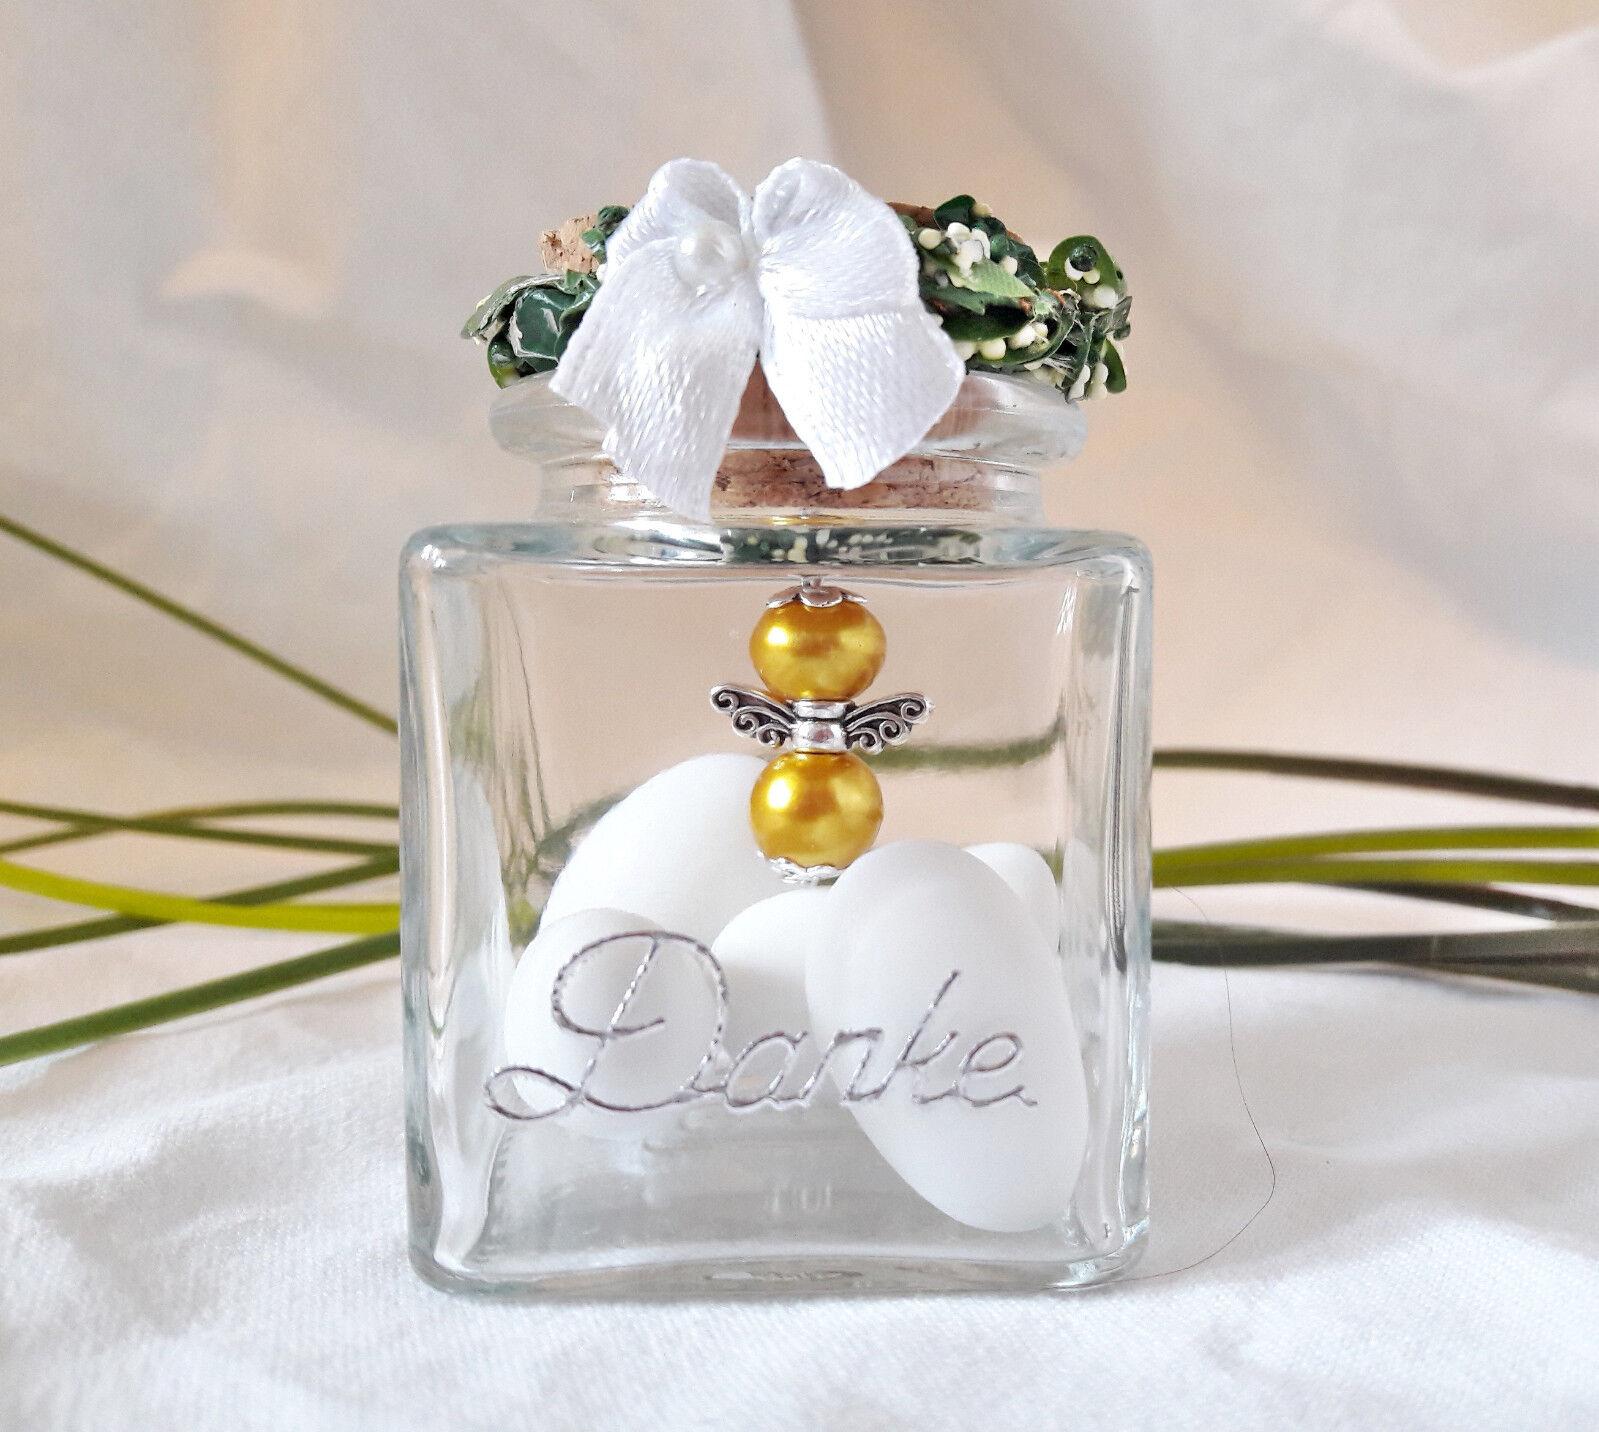 15x Schutzengel im Glas Gold  Hochzeit,Danke,Gastgeschenk,Hochzeitsmandeln | | | Deutschland Berlin  | Berühmter Laden  cf5033